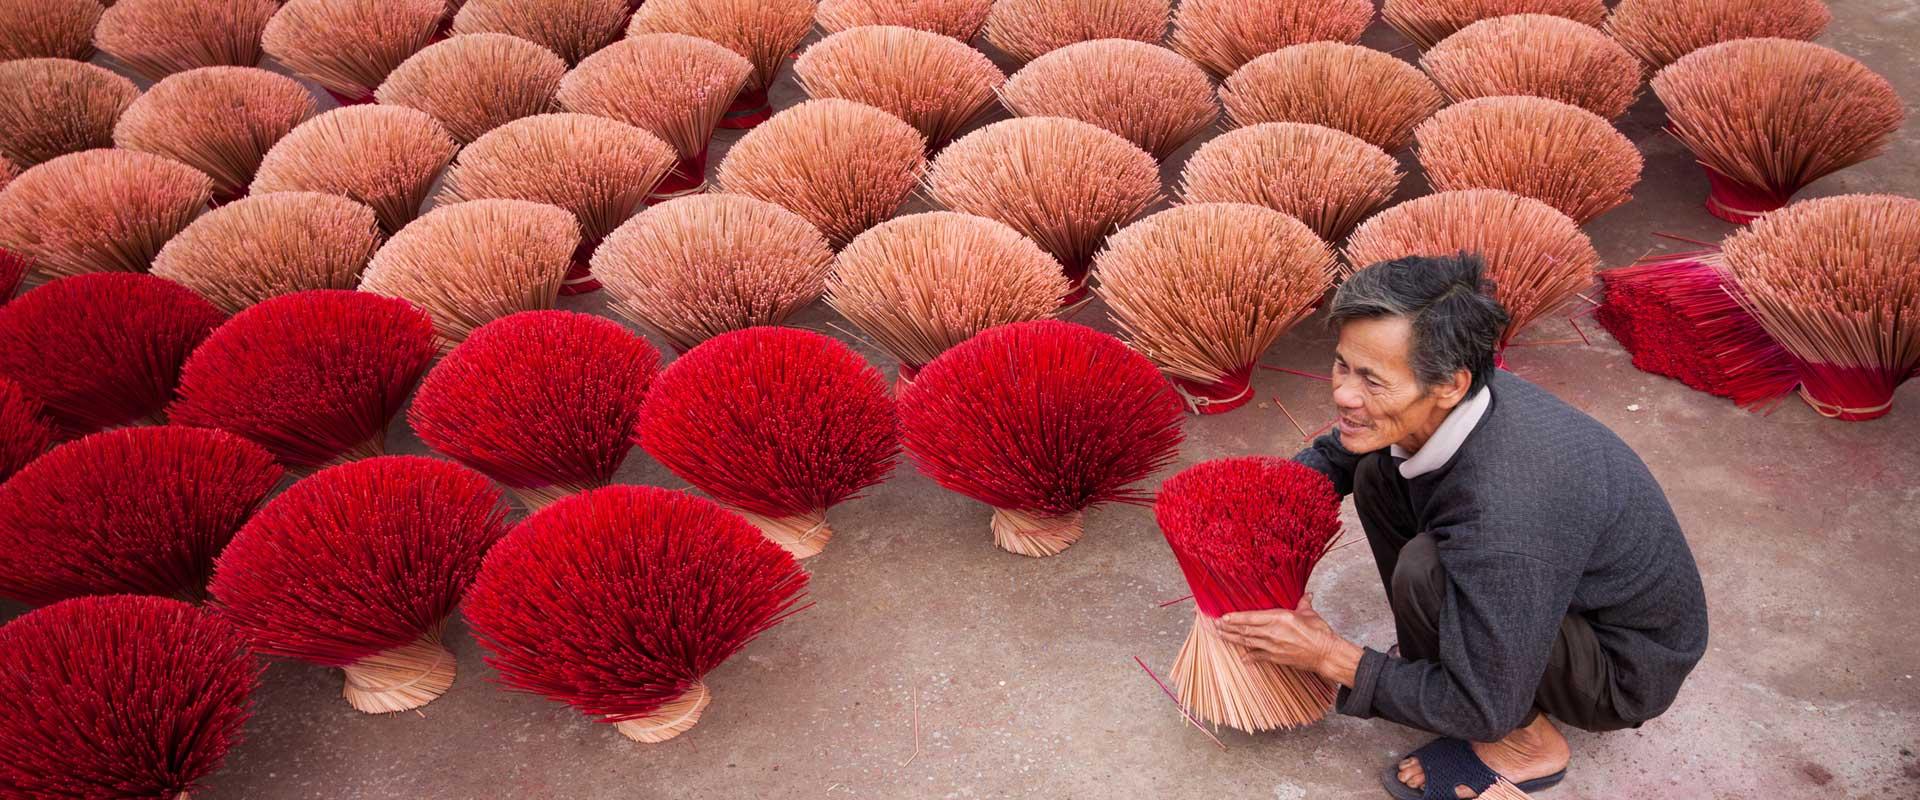 travail artisanal Vietnam